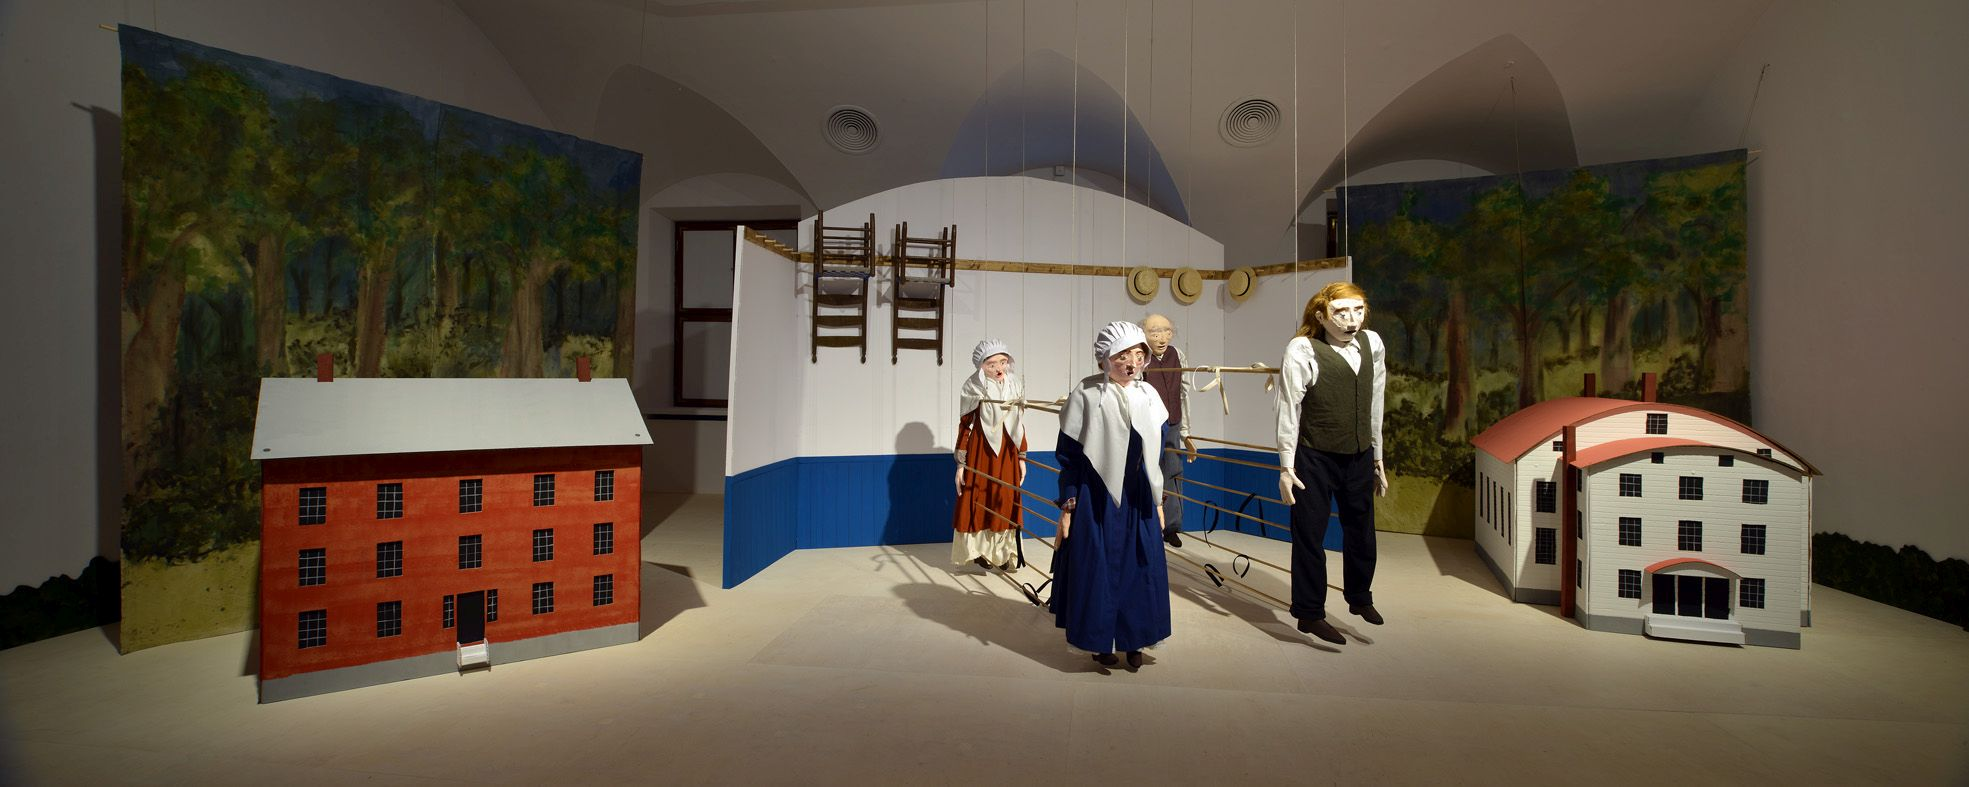 Rzeczy robią rzeczy, widok wystawy, fot.Jan Smaga